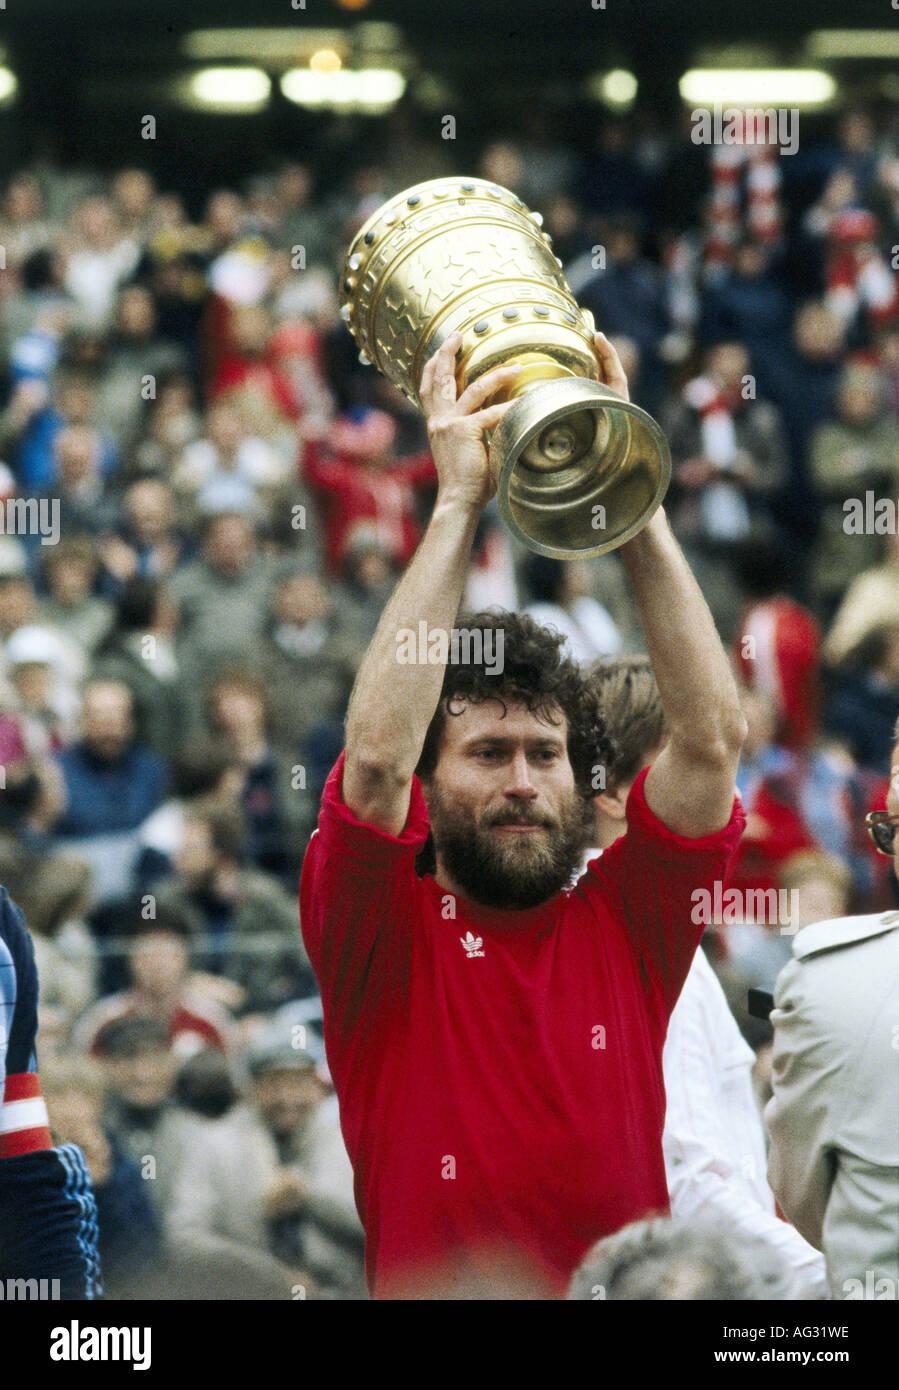 Breitner, Paul, * 5.9.1951, deutscher Sportler (Fußball/Fußball), halbe Länge, DFB-Finale Fc Bayern Stockbild